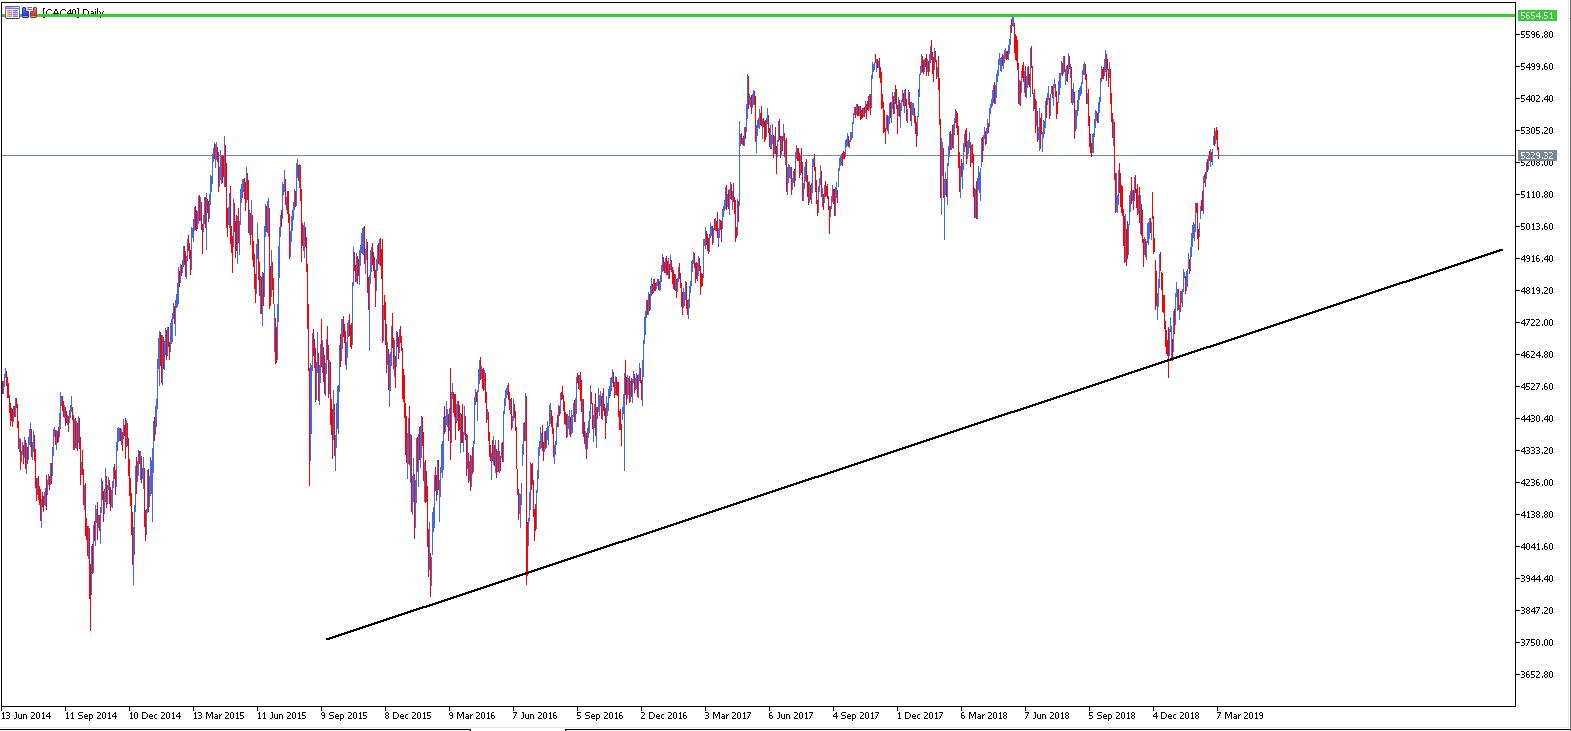 cac 40 - análisis índice bolsa